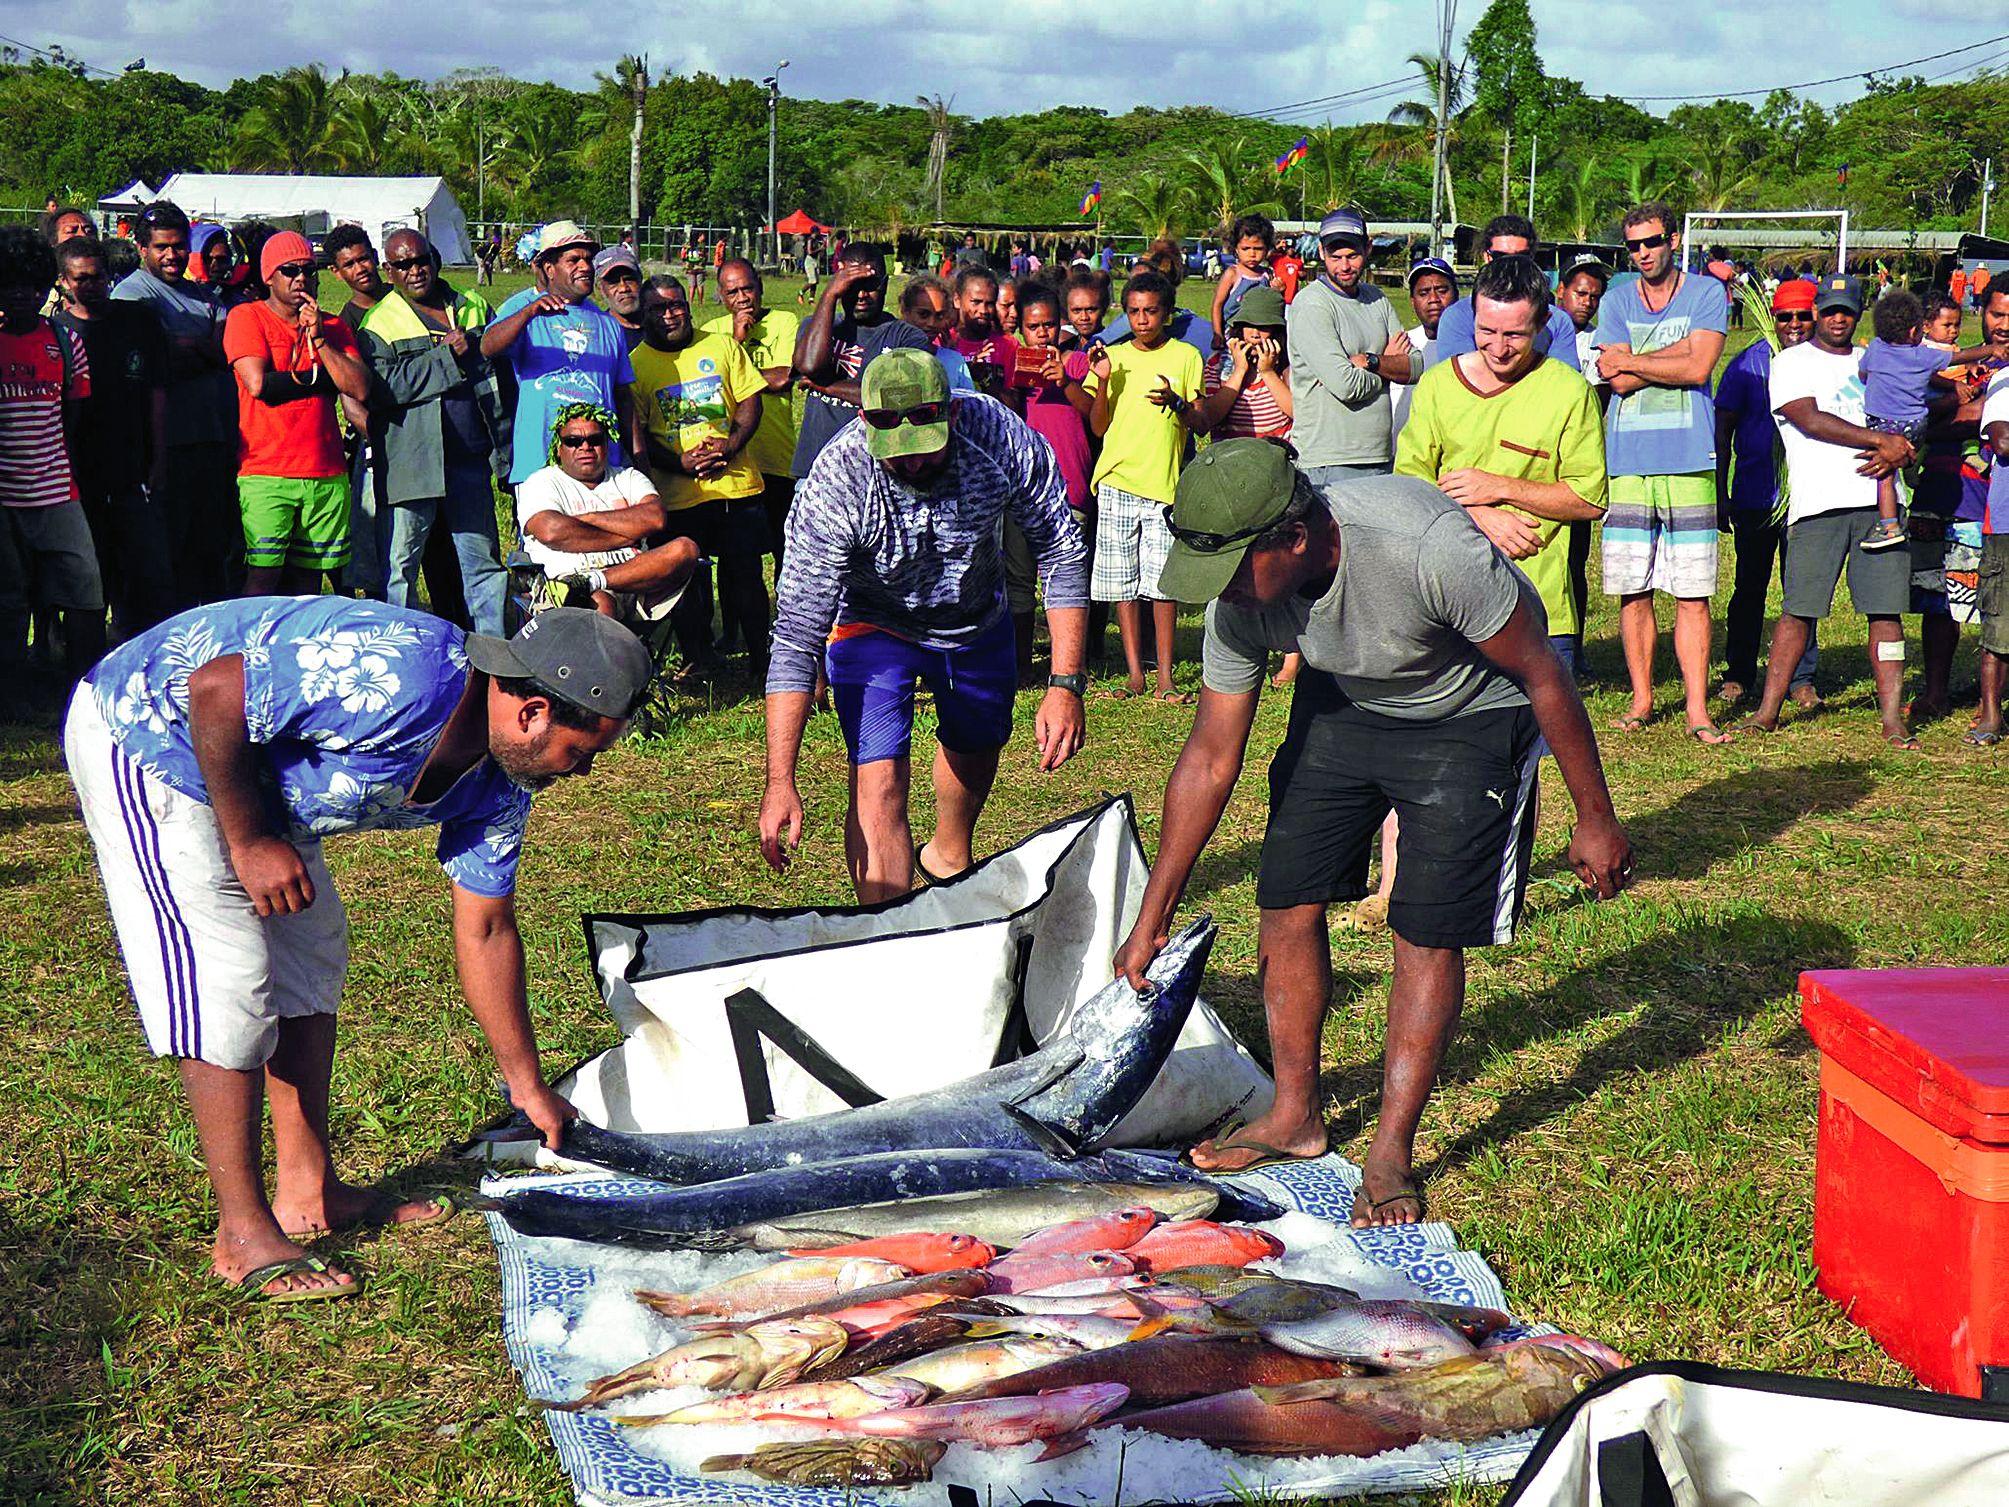 Au concours de pêche, les sept embarcations engagées sont revenues 6 heures plus tard avec de nombreux petits poissons et deux gros wahoo pour les plus chanceux. Thazards, loches, vivaneaux, thons jaunes et wahoos occupaient également les étals des pêcheurs locaux.